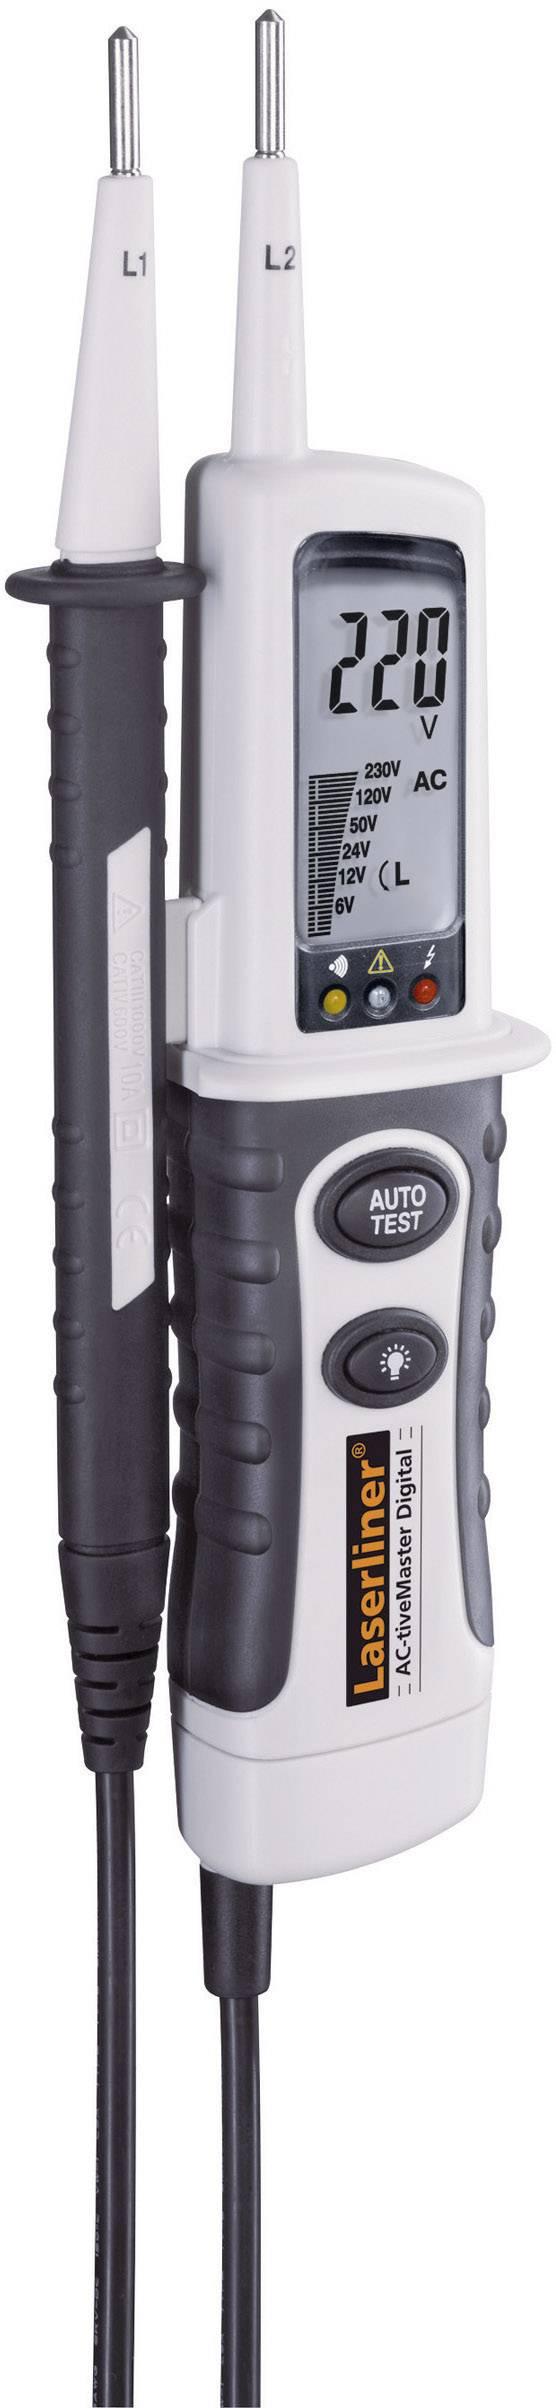 Digitální dvoupólová zkoušečka napětí Laserliner AC-tiveMaster, 083.025A